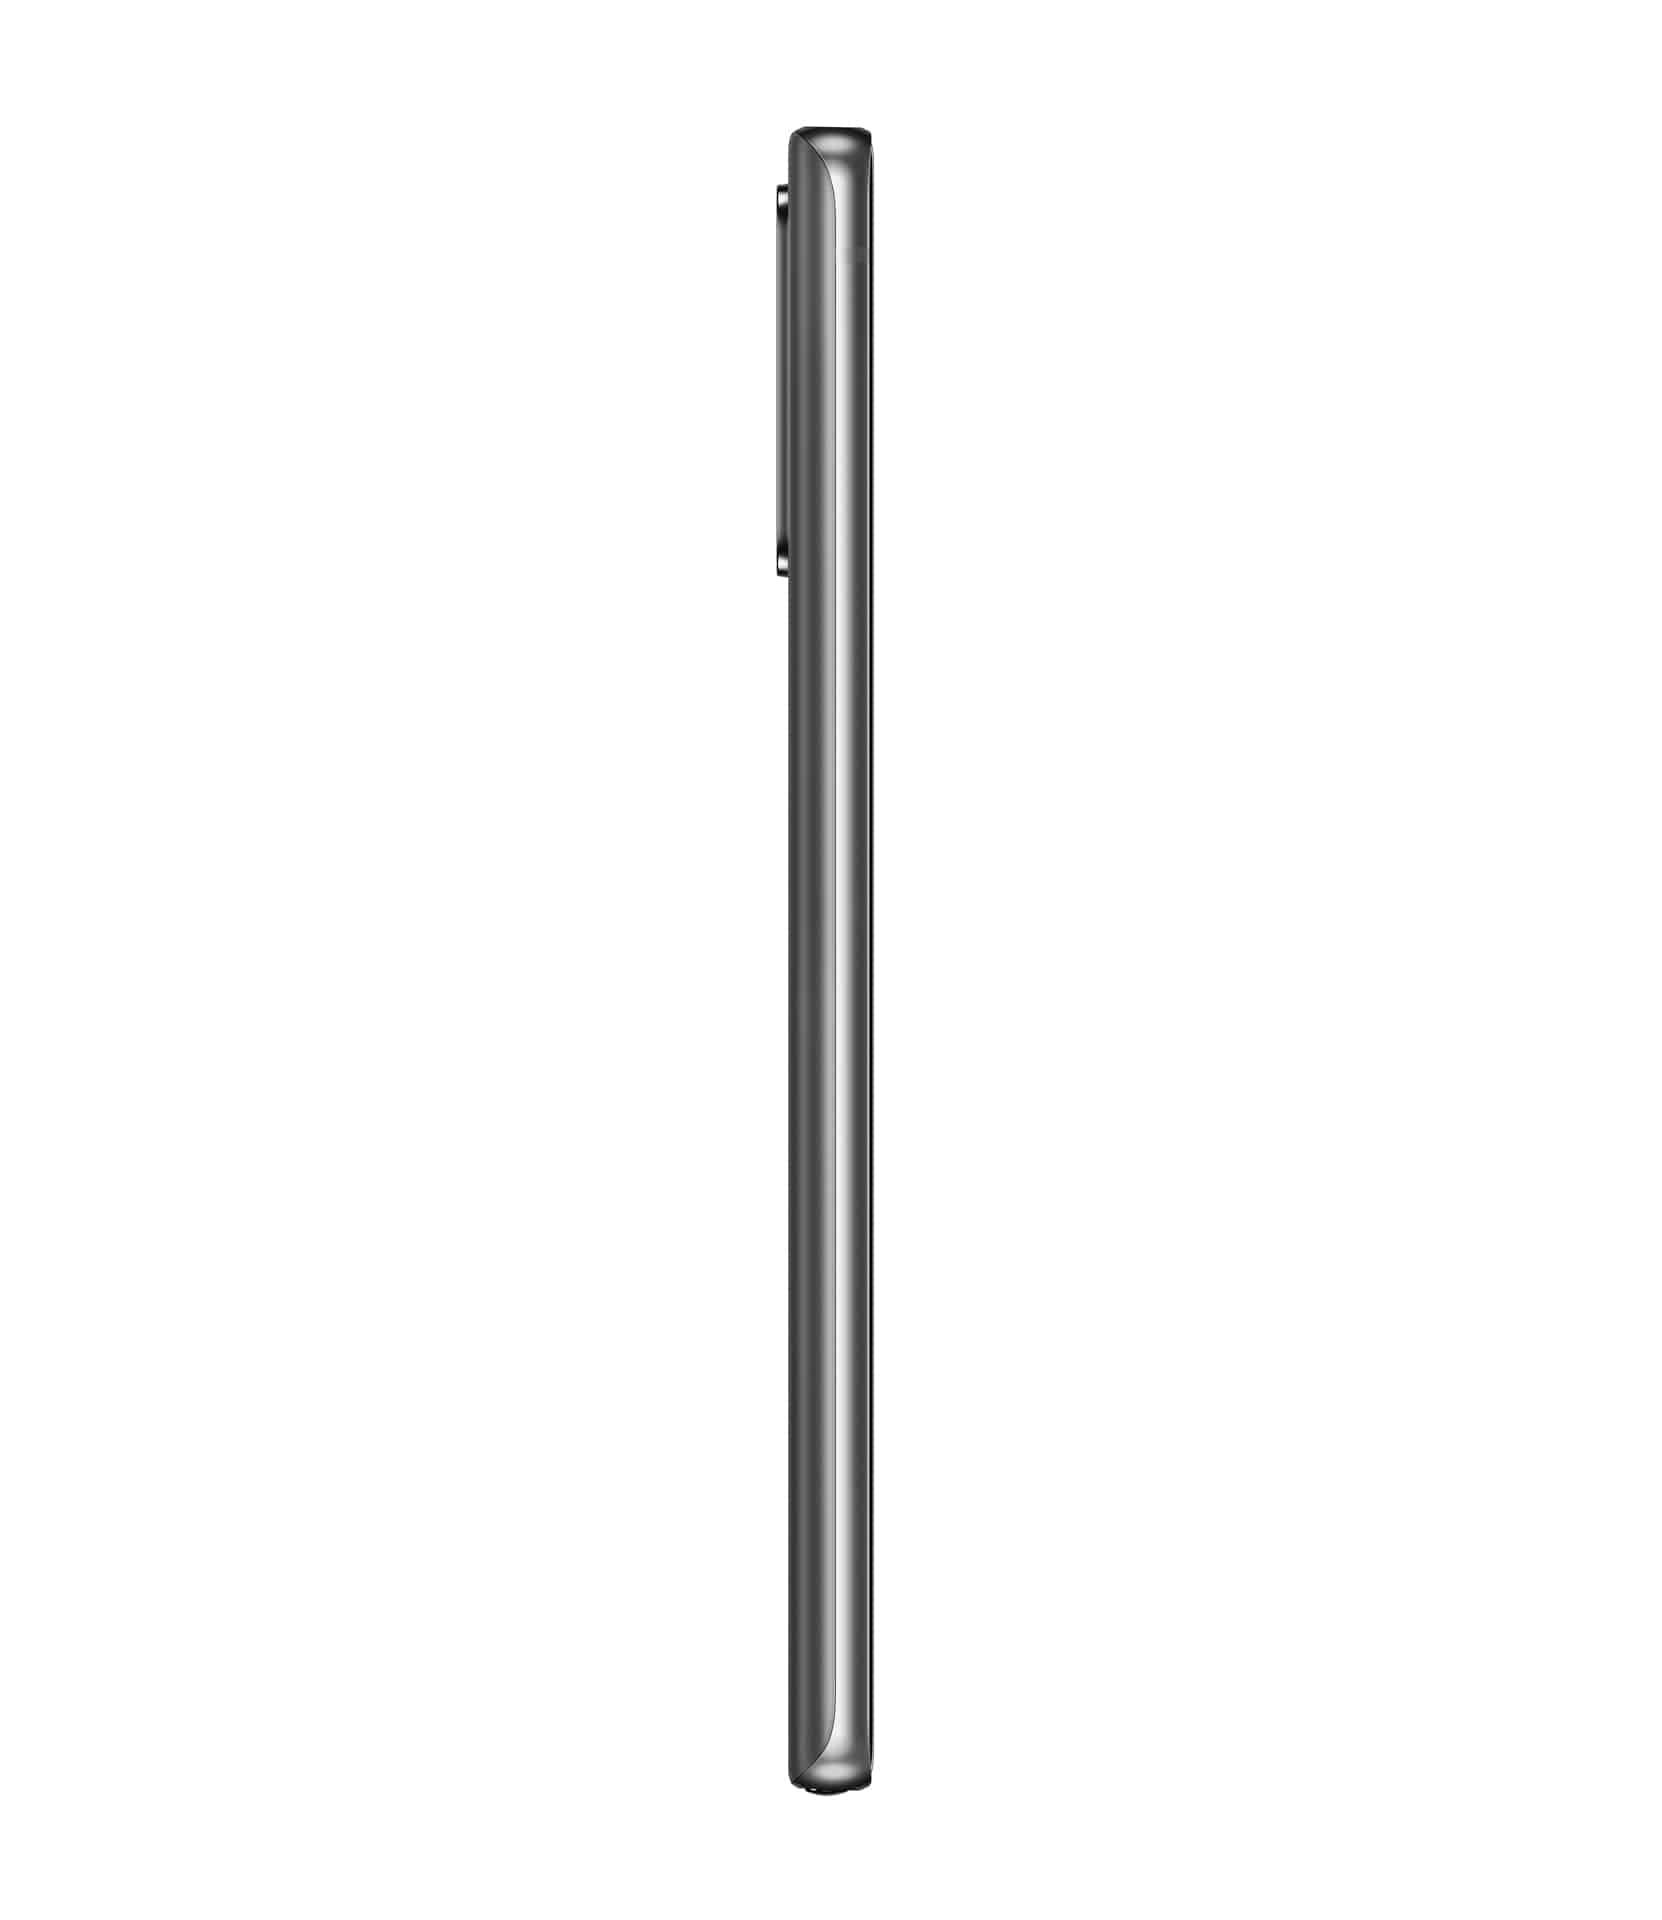 Galaxy Note20 Mystic Gray Left Profile